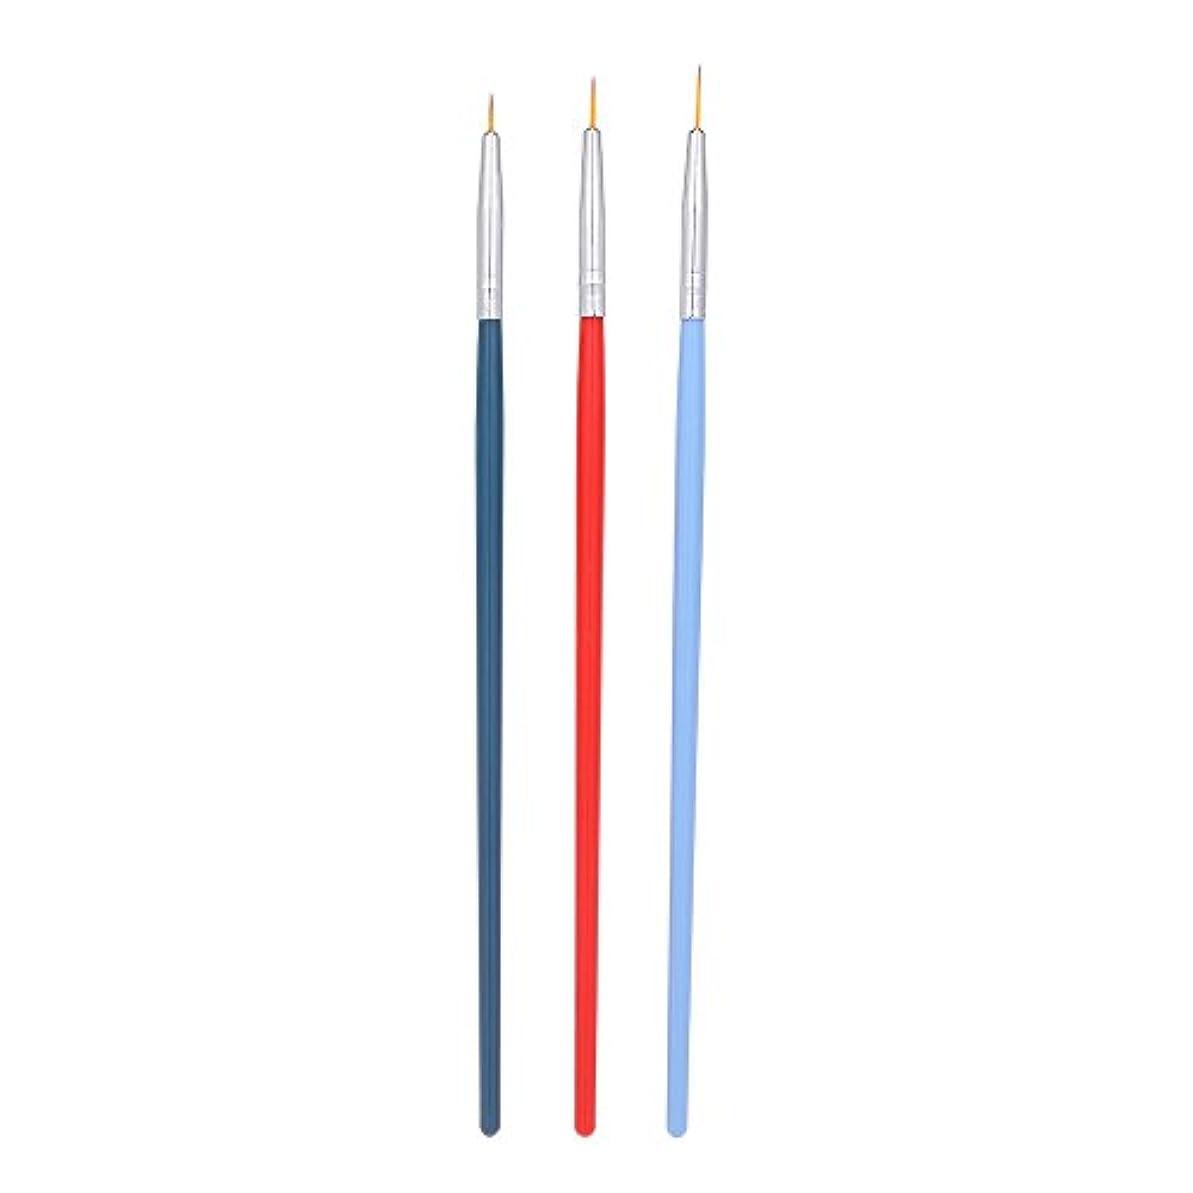 チャンバー到着バルセロナDecdeal 3本 ネイルアートライナーブラシ ネイルブラシ ペン UVジェル塗装 セット マニキュア ネイルツール プラスチックハンドル